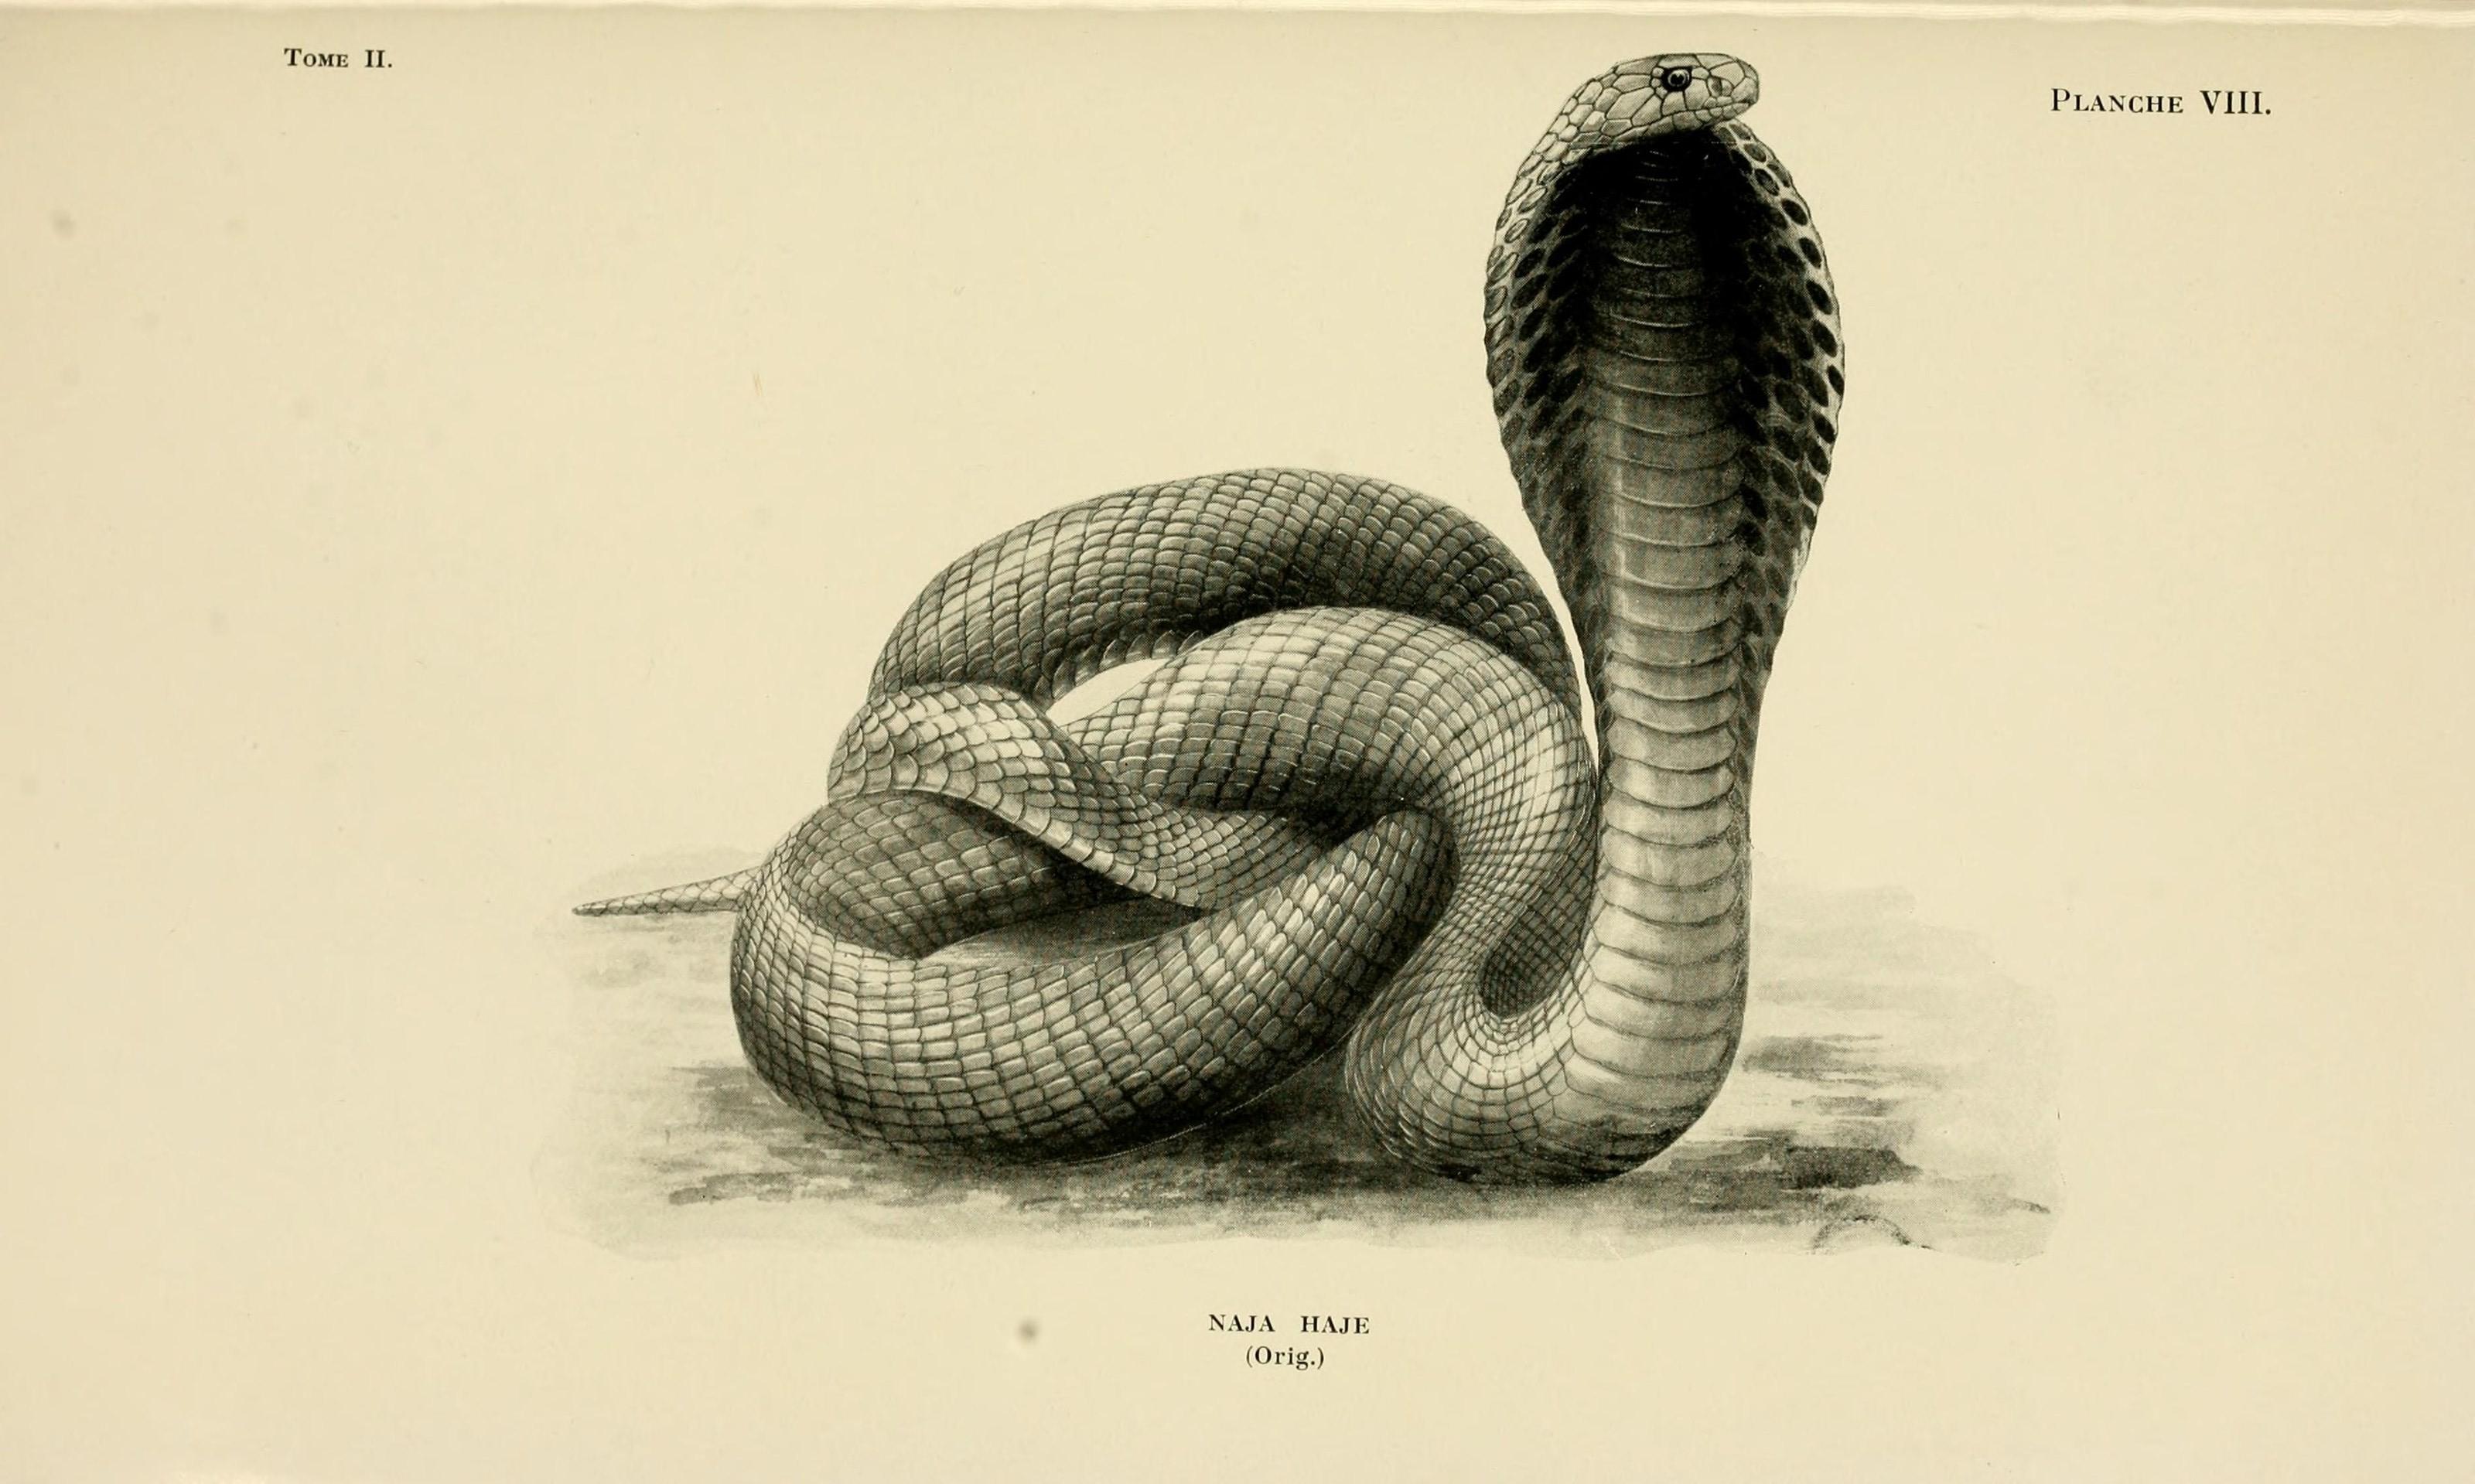 Animaux venimeux et venins- la fonction venimeuse chez tous les animaux (Pl. VIII) (7461657652).jpg